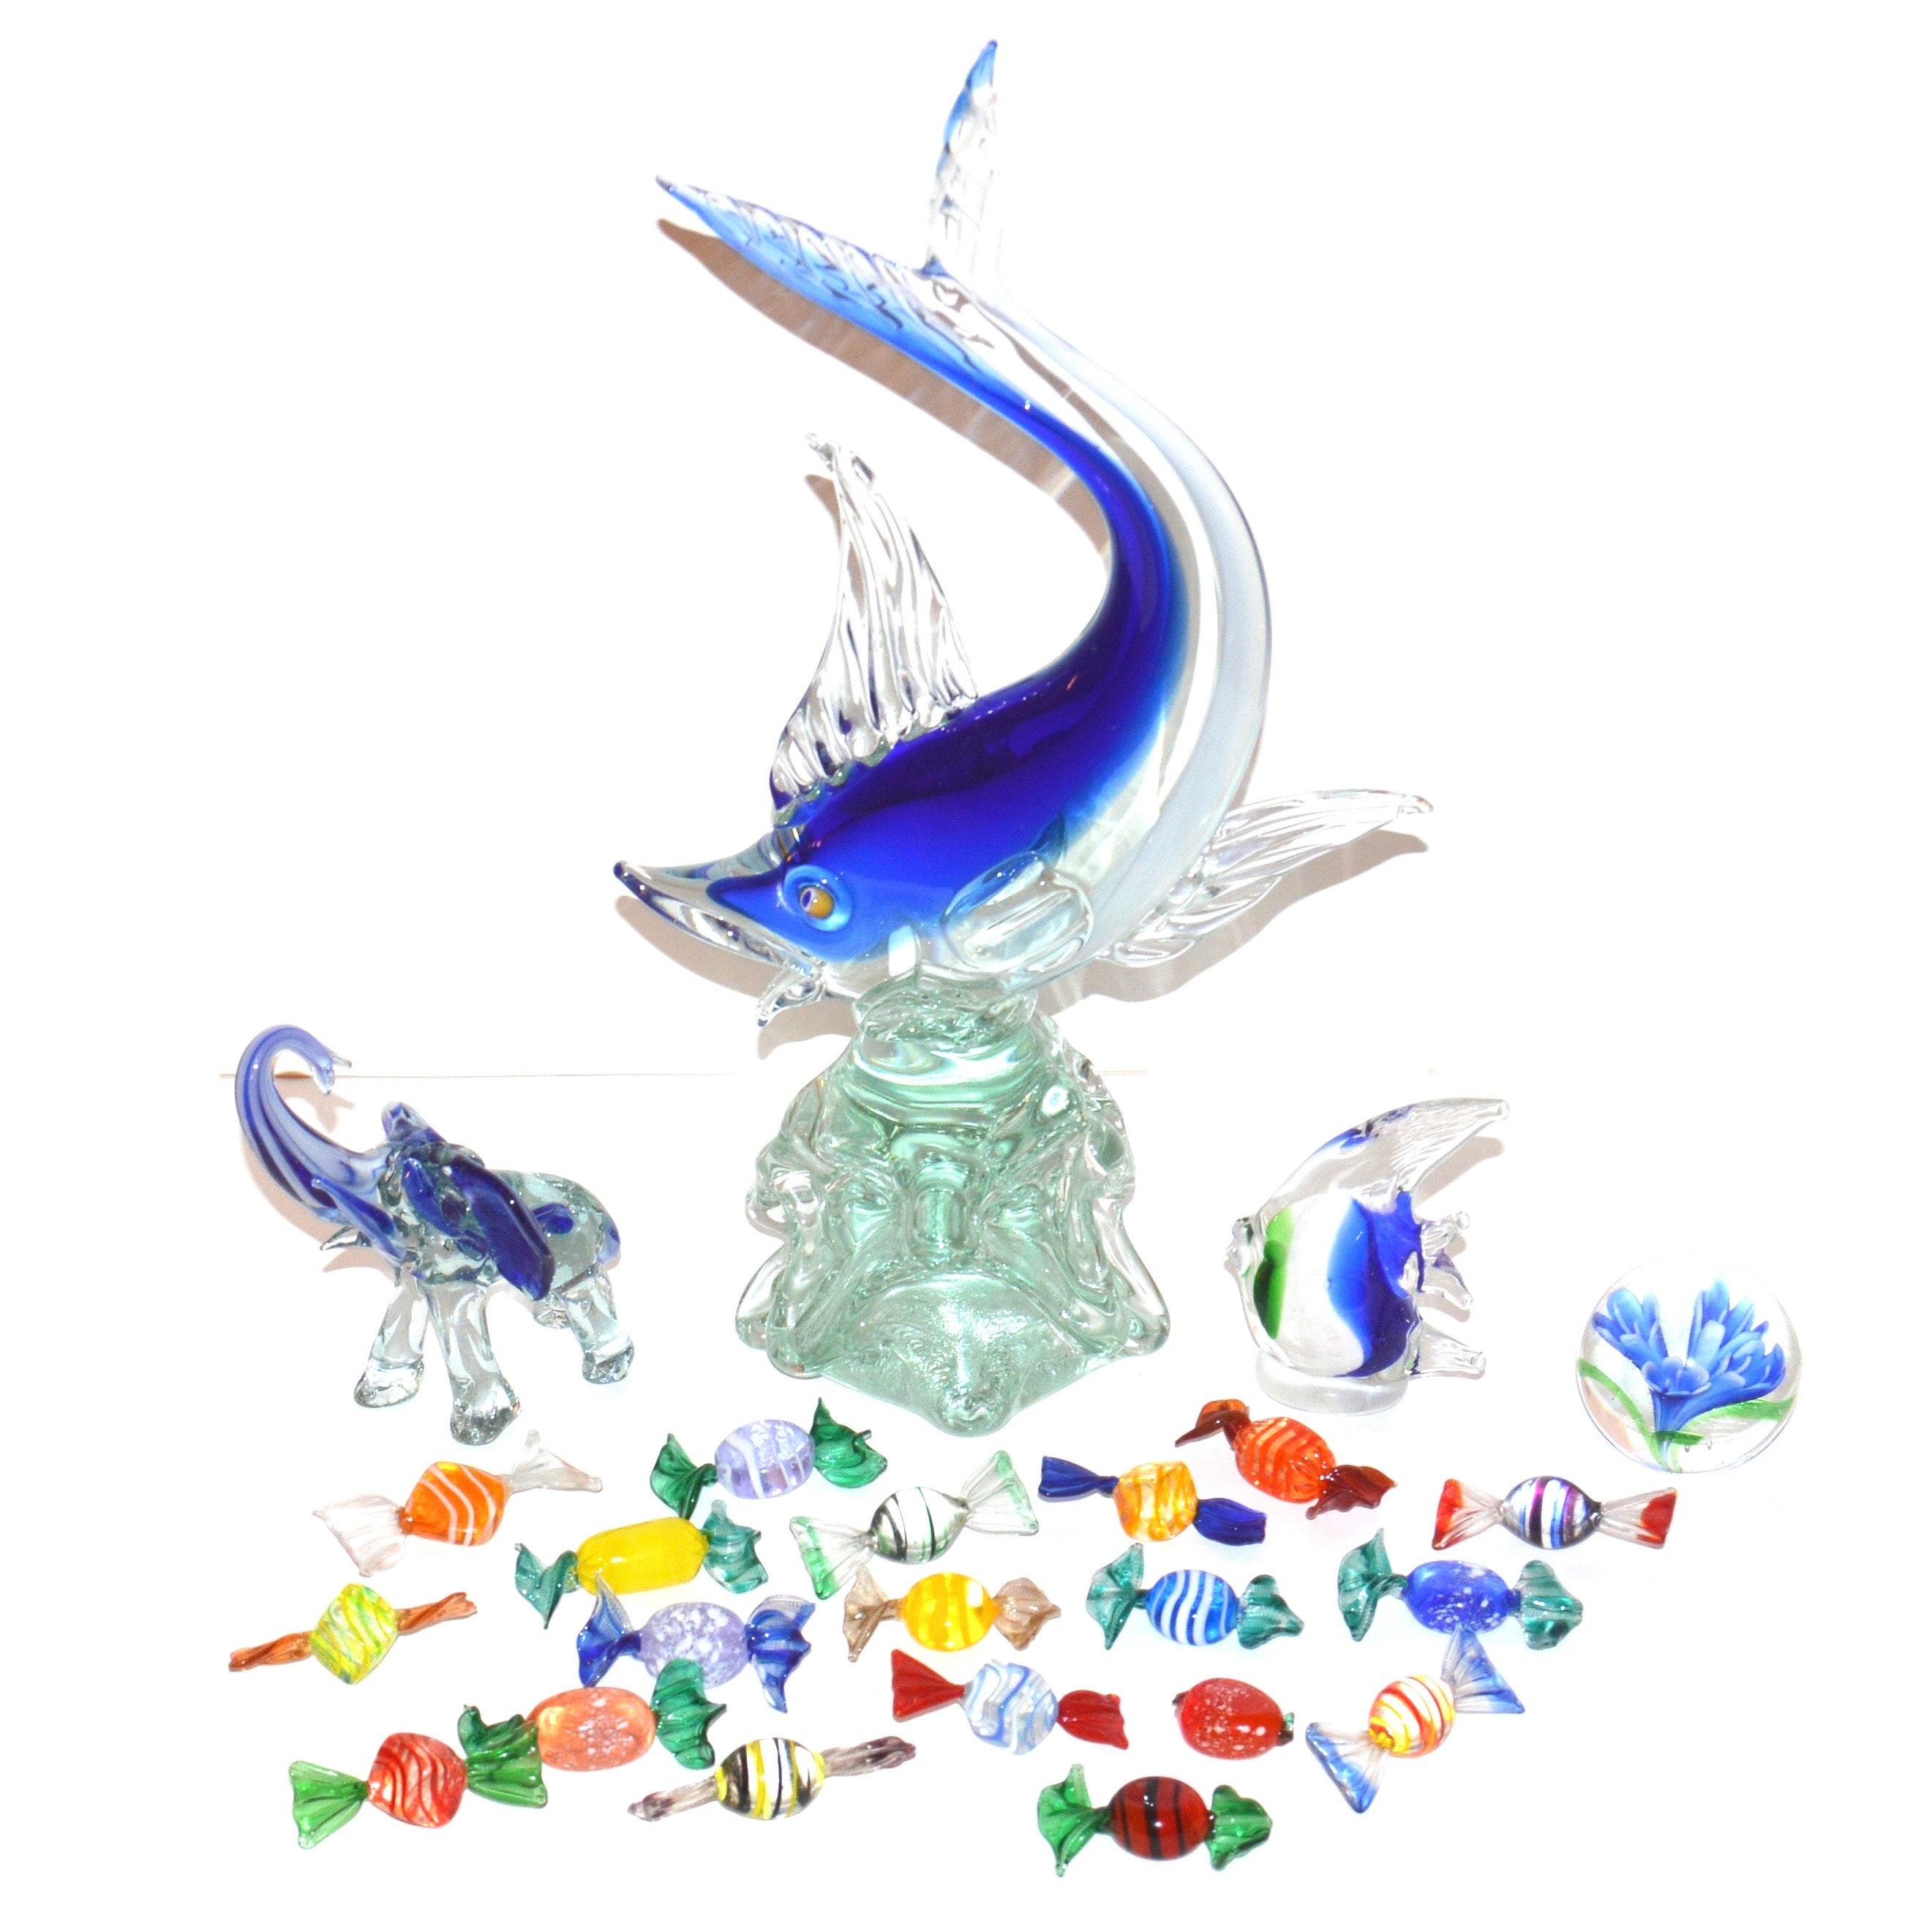 Assortment of Sculpted Glass Art